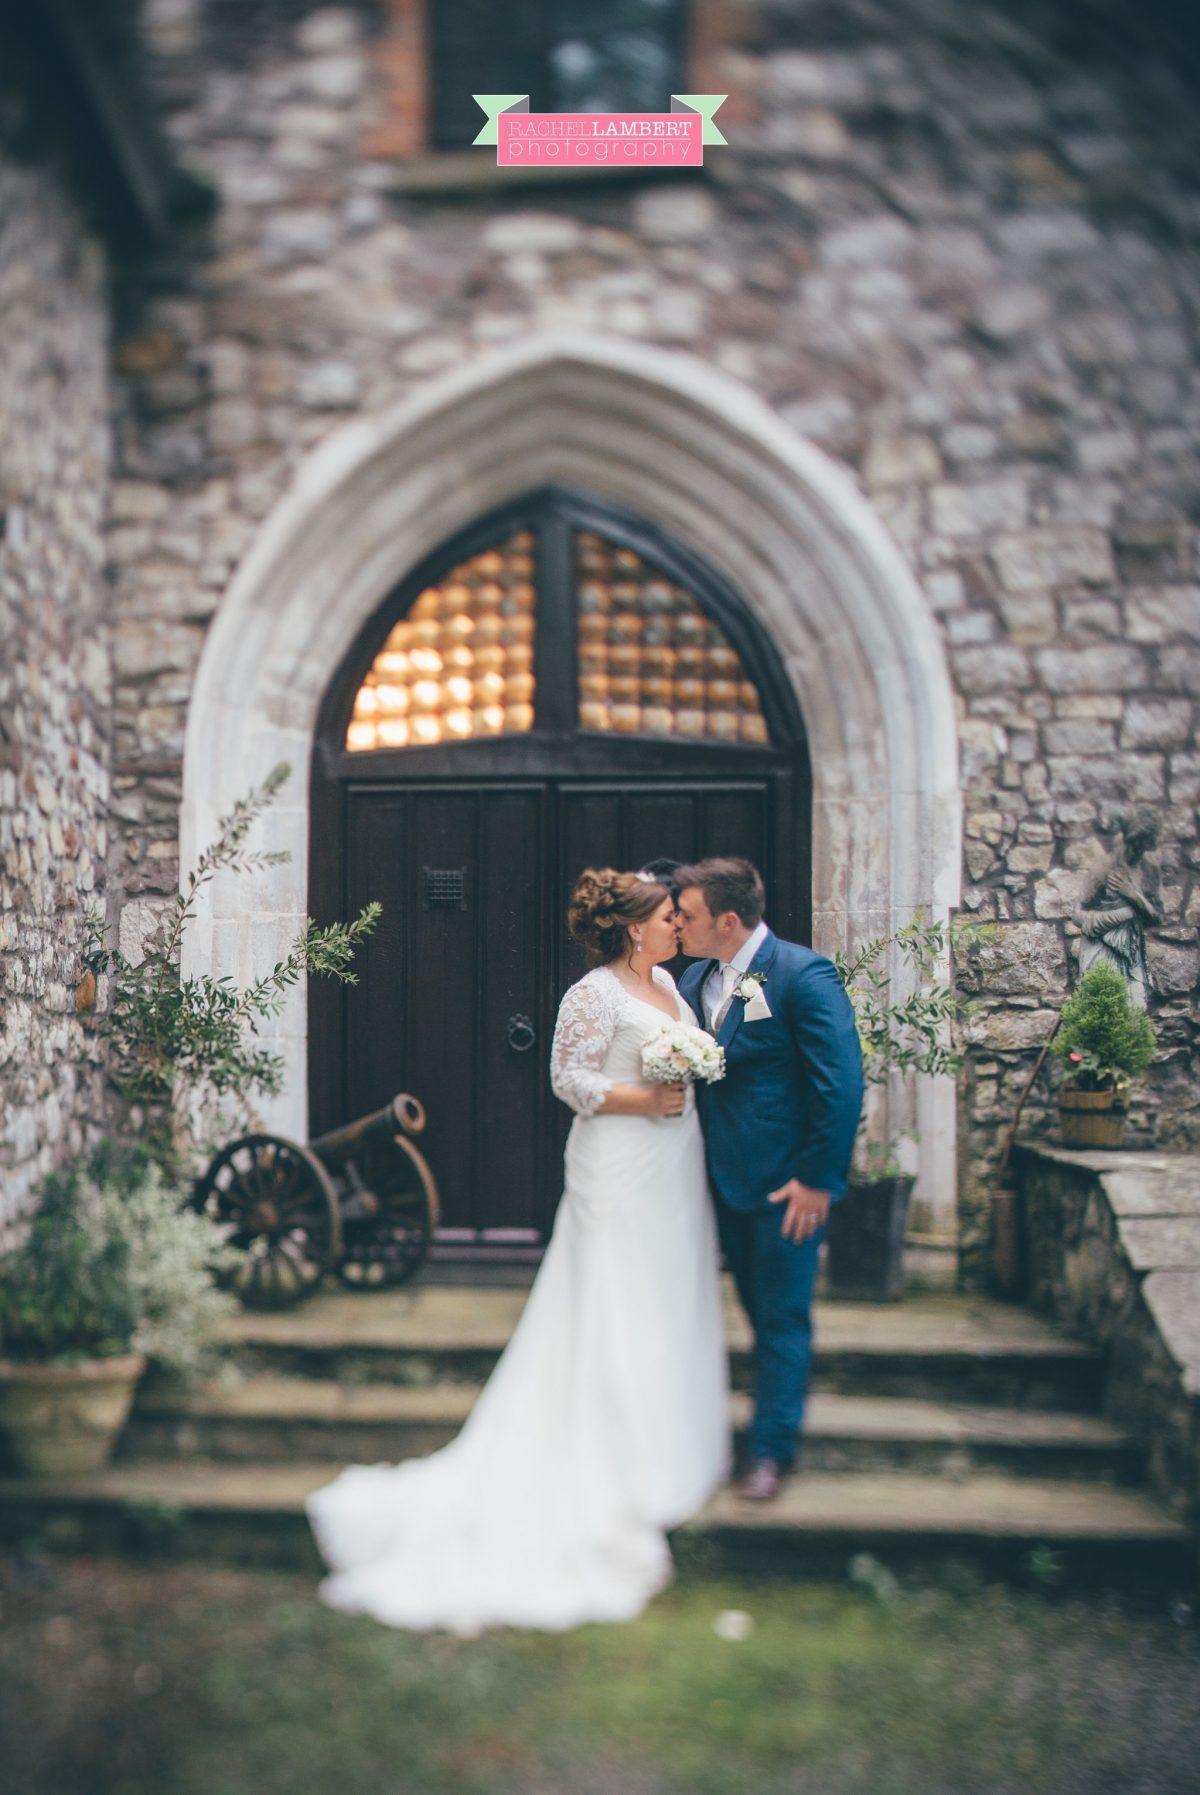 welsh_wedding_photographer_rachel_lambert_photography_pencoed_house_cardiff_rachel_nathan_ 56